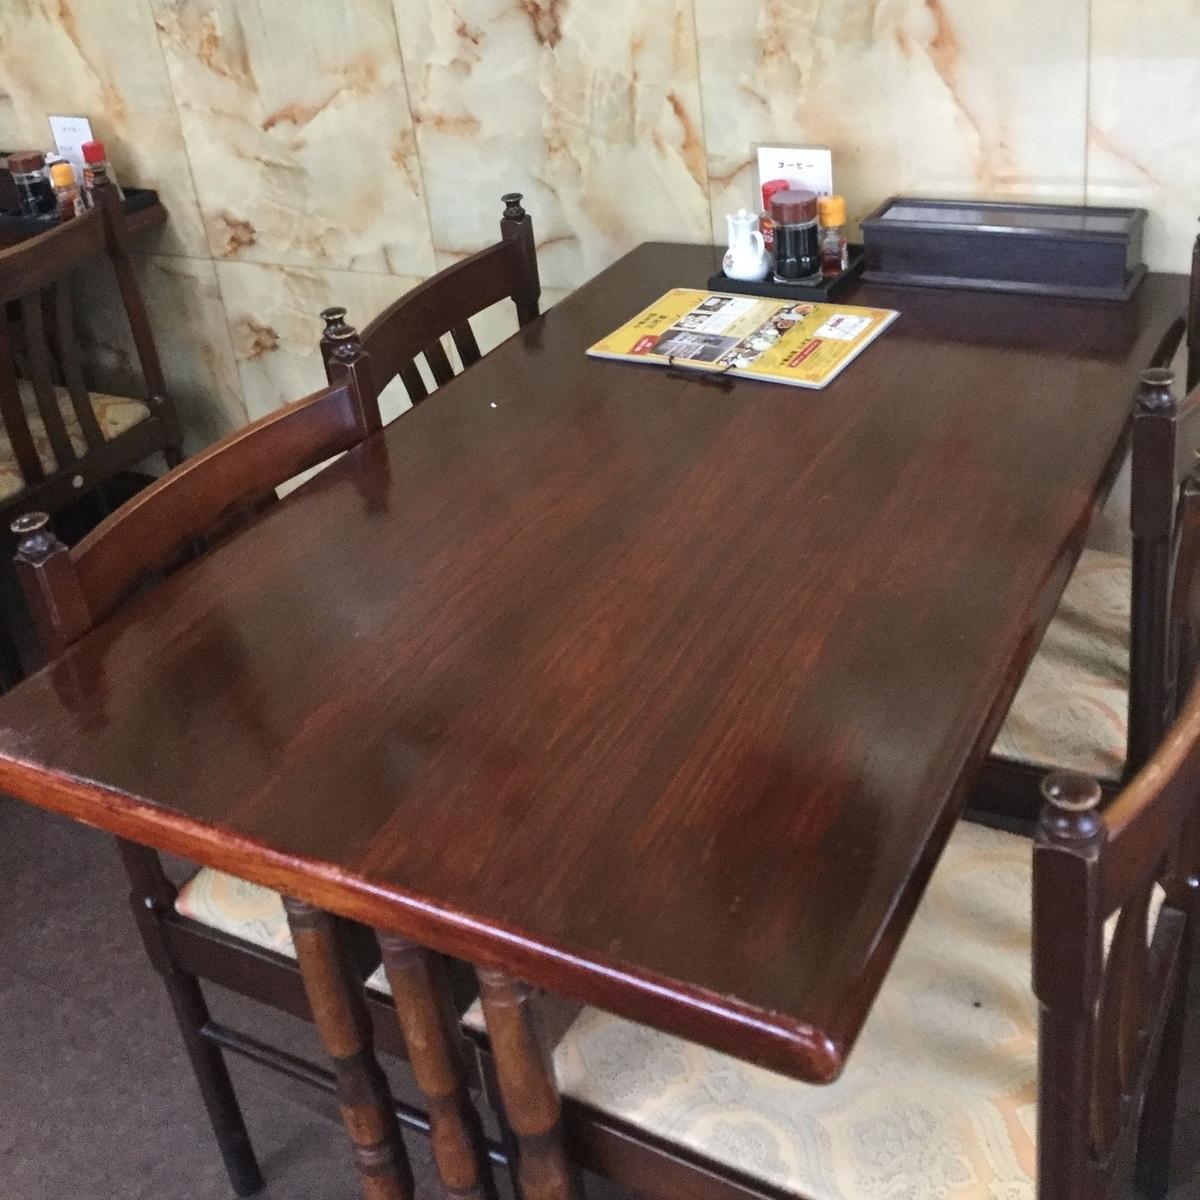 2名以上から4名まで対応可能なテーブル席です。少人数の飲み会には是非もってこいの席になります。